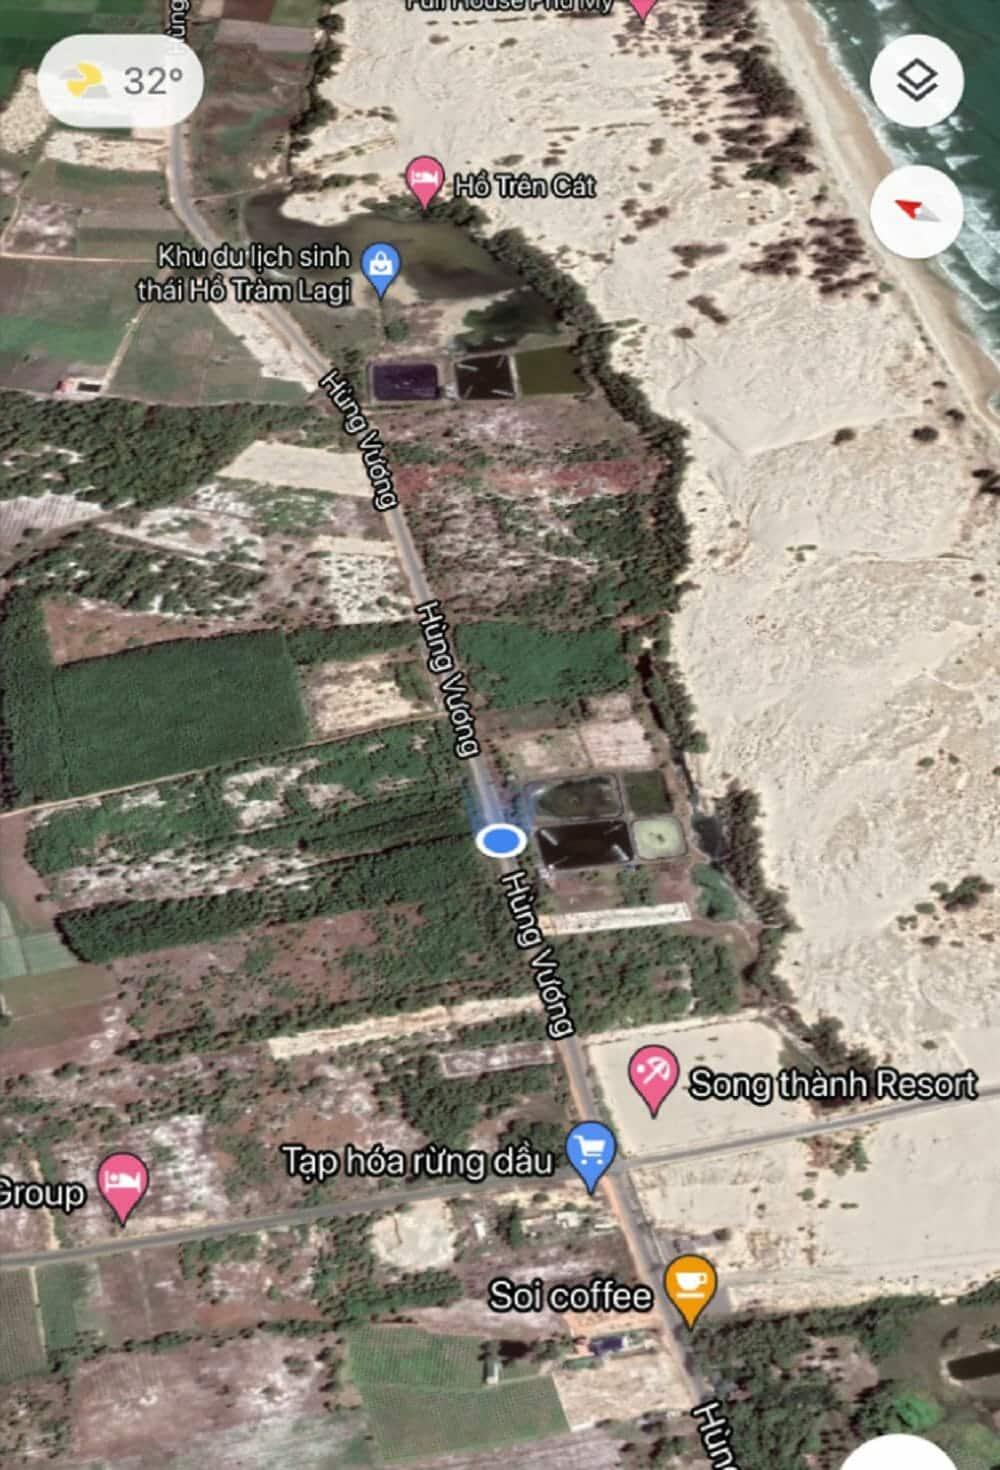 ban dat mat bien lagi binh thuan 2 - Bán Đất Mặt Biển Lagi Bình Thuận